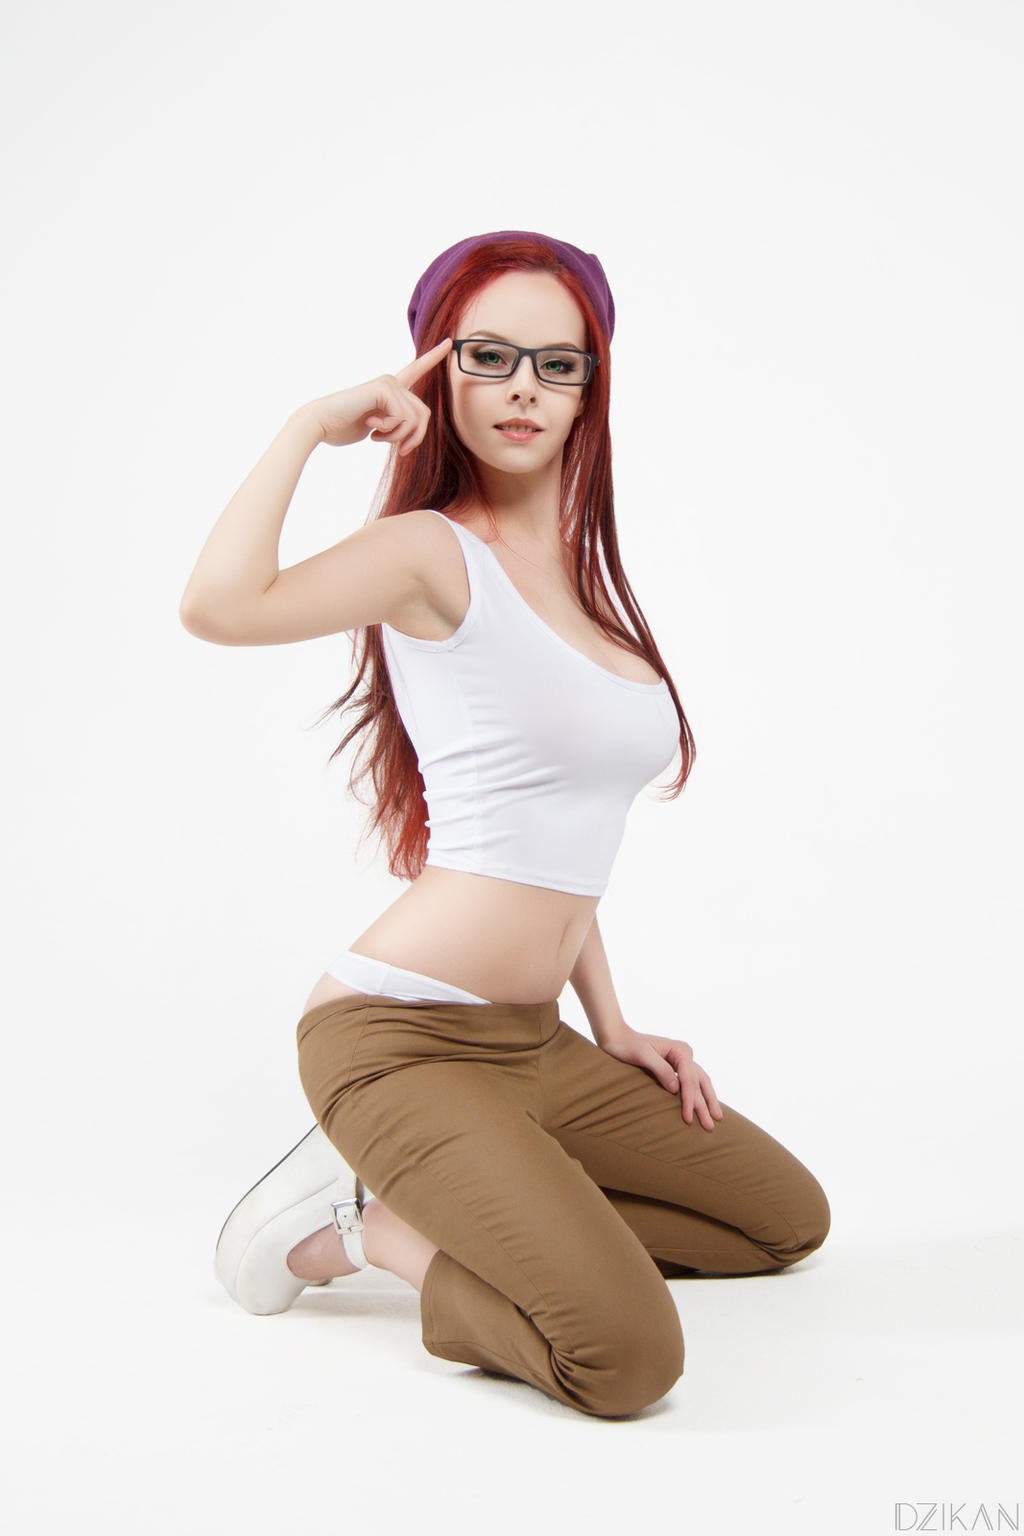 naked hipster girl and gamergirl